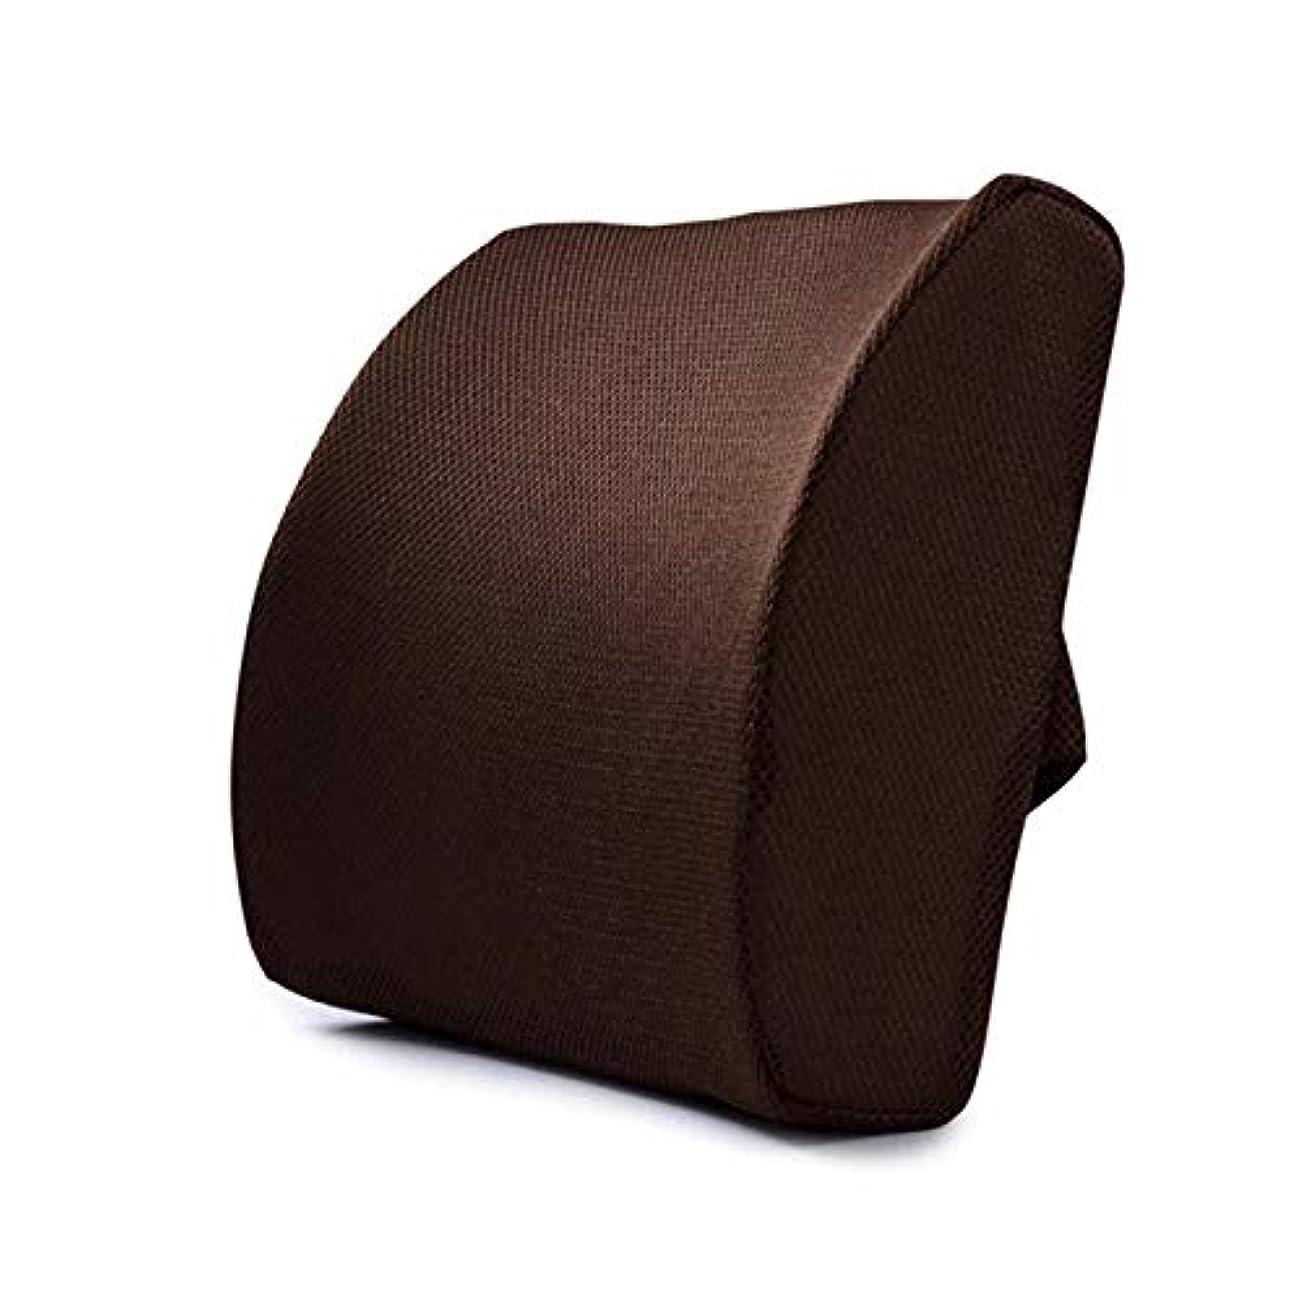 凶暴な大きい吸い込むLIFE ホームオフィス背もたれ椅子腰椎クッションカーシートネック枕 3D 低反発サポートバックマッサージウエストレスリビング枕 クッション 椅子